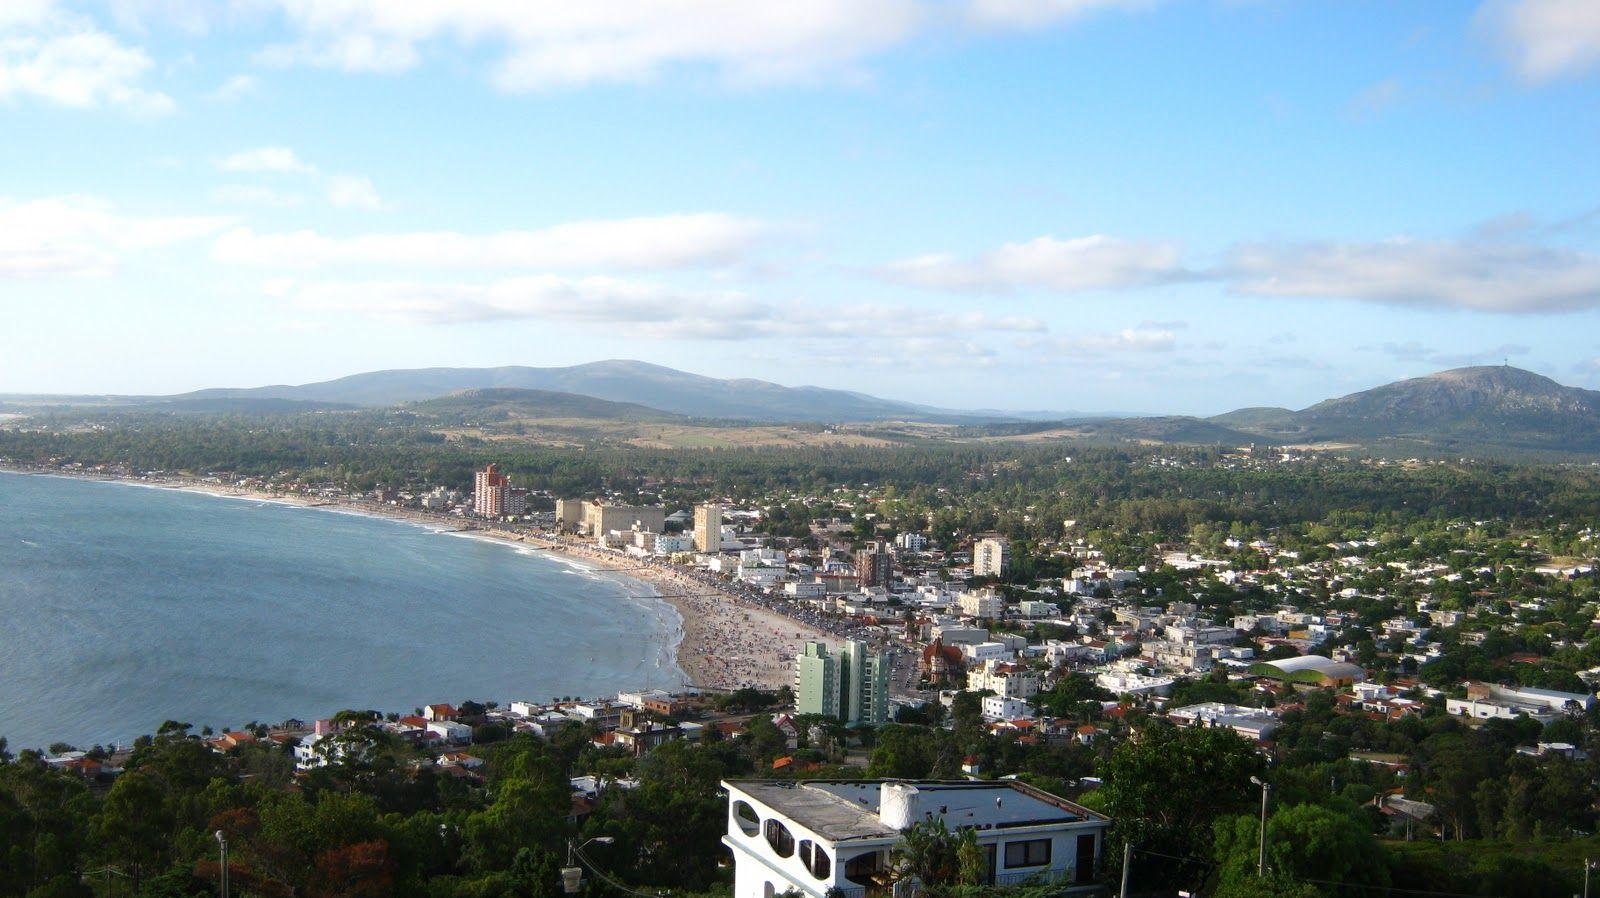 Uruguay Landscape Cool Places To Visit Places To Visit Places